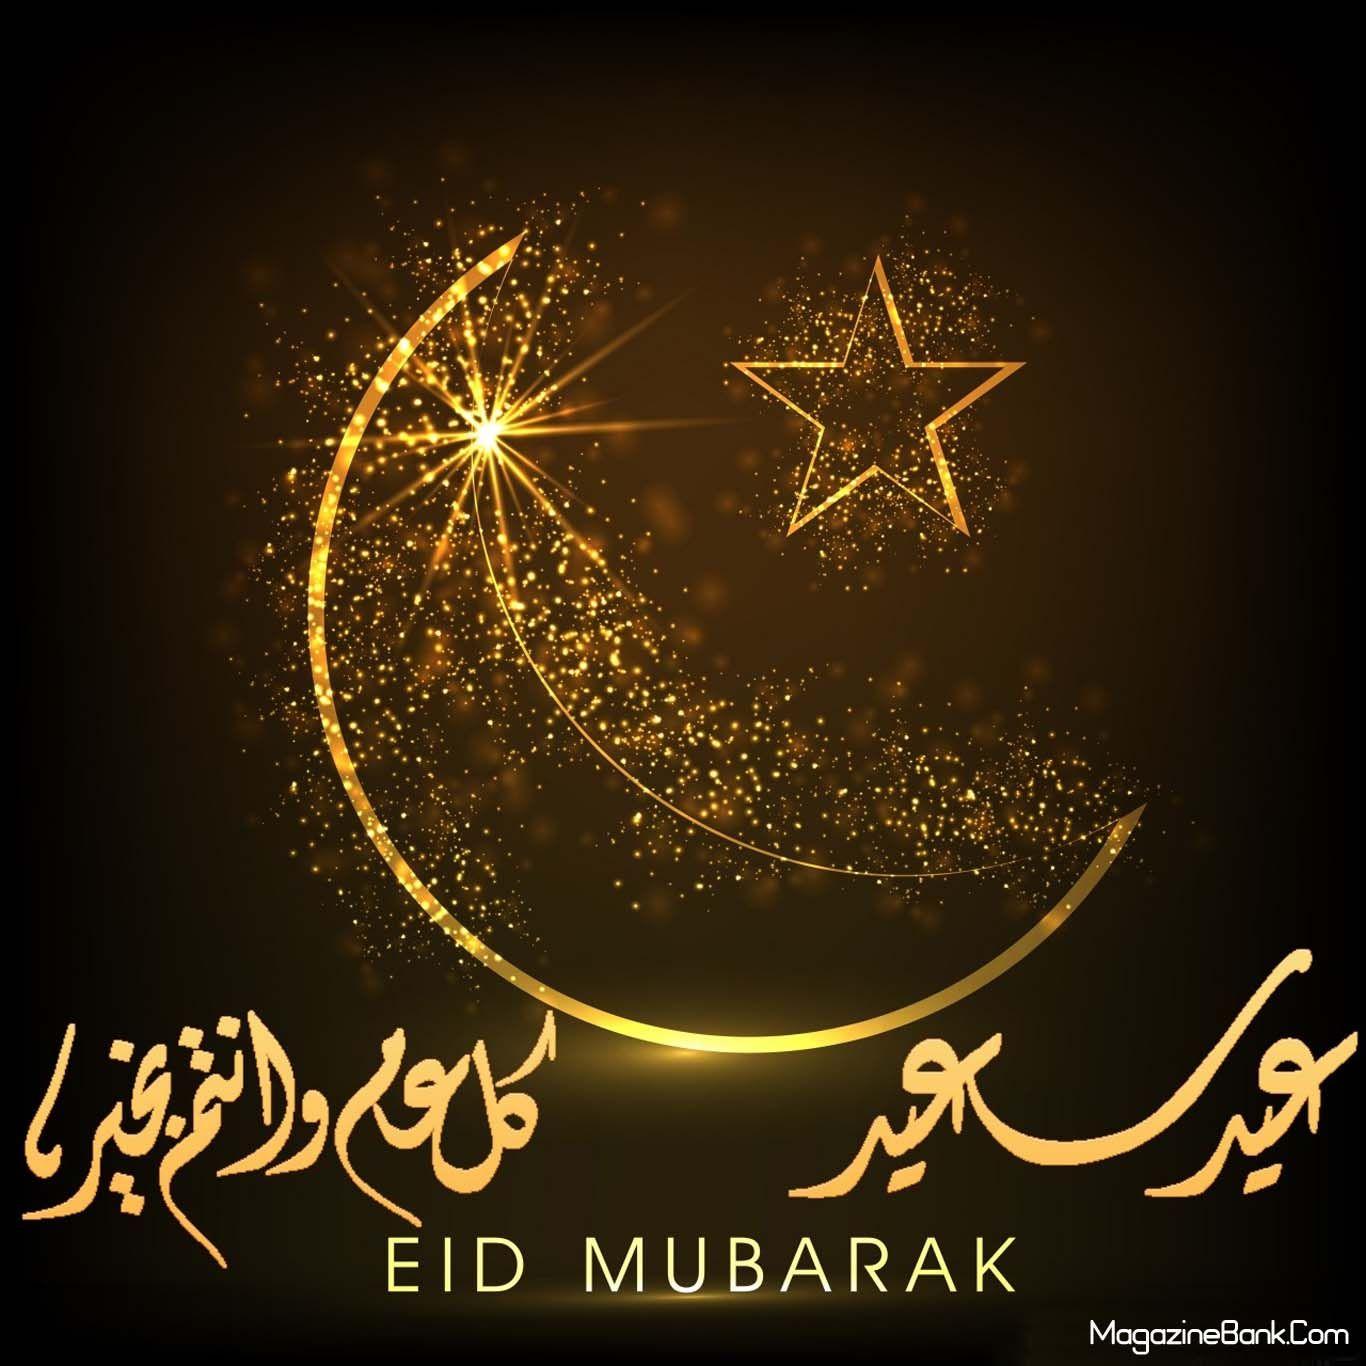 Eid Mubarak Wishes Download 1366x1366 Download Hd Wallpaper Wallpapertip